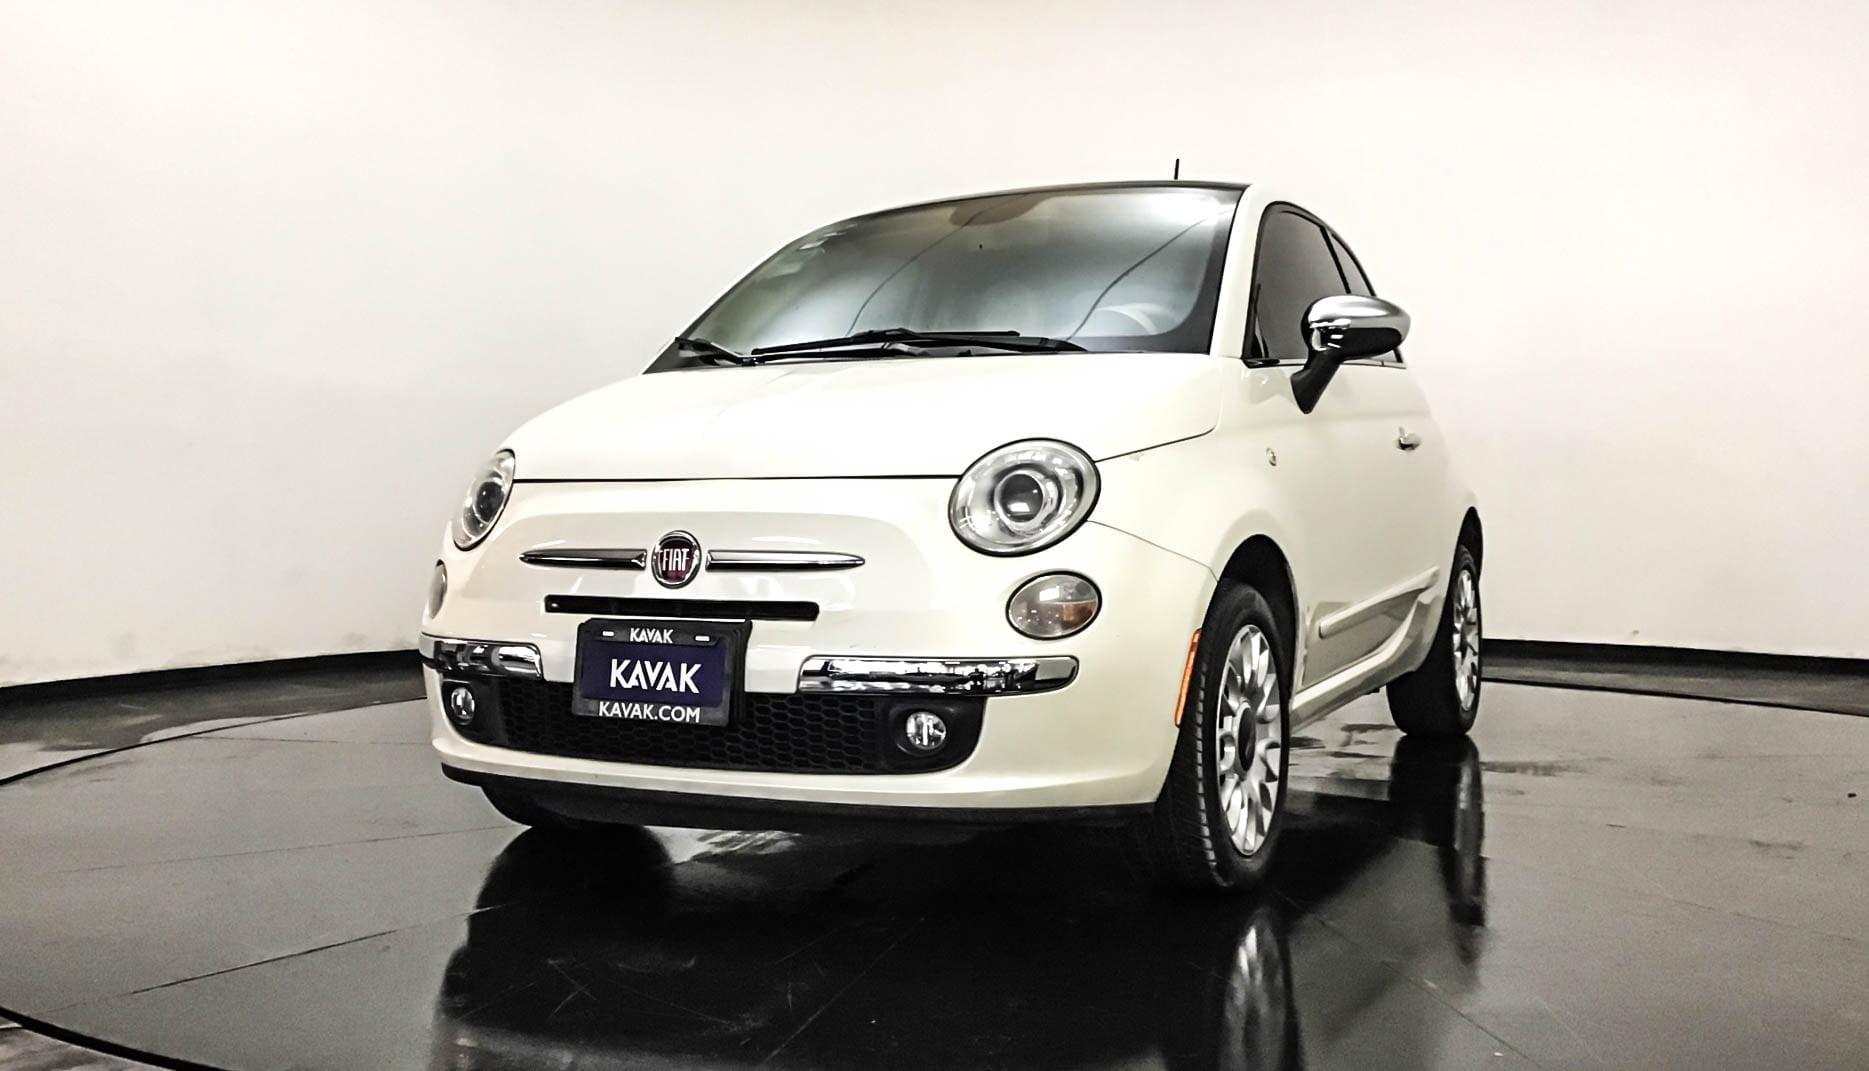 Catalogo De Partes Fiat 500 2014 Autopartes Y Refacciones